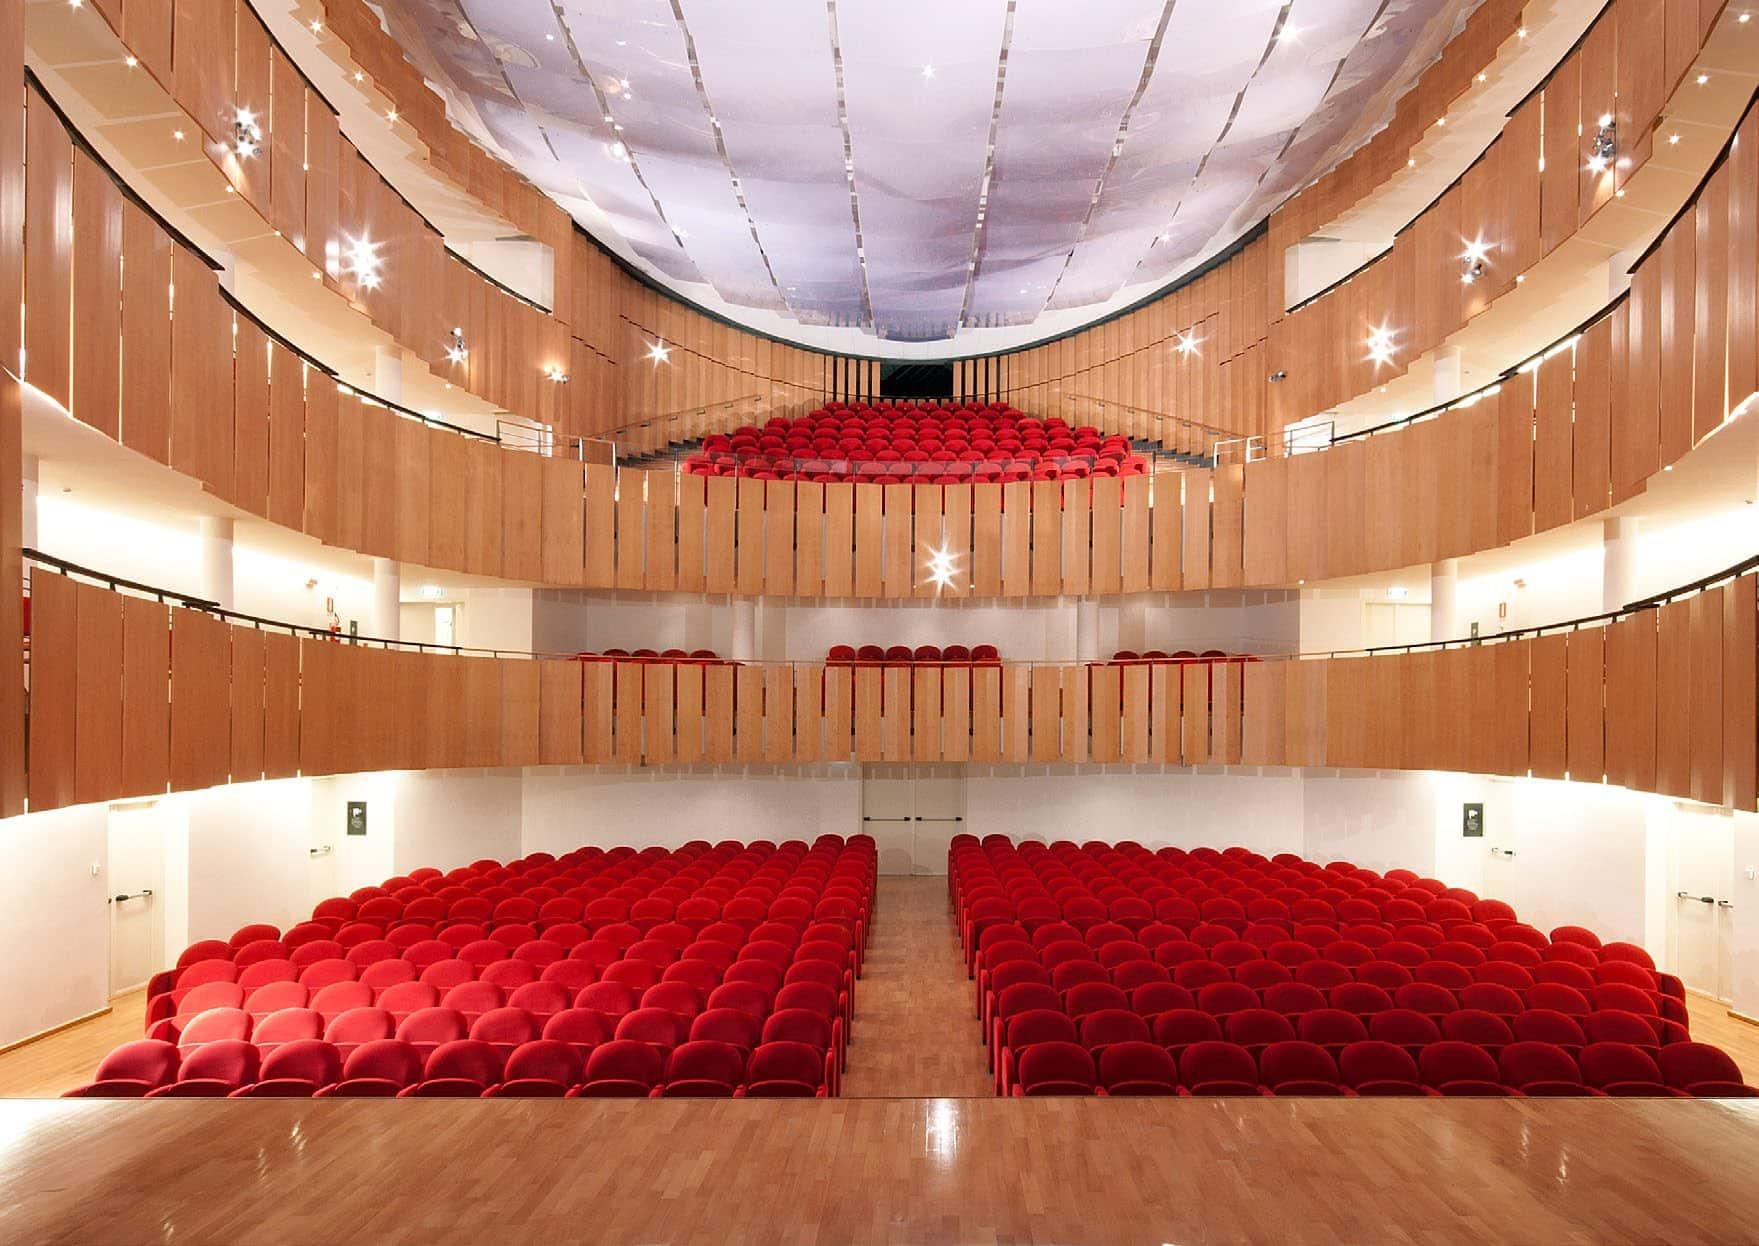 Teatro Municipale di Corato